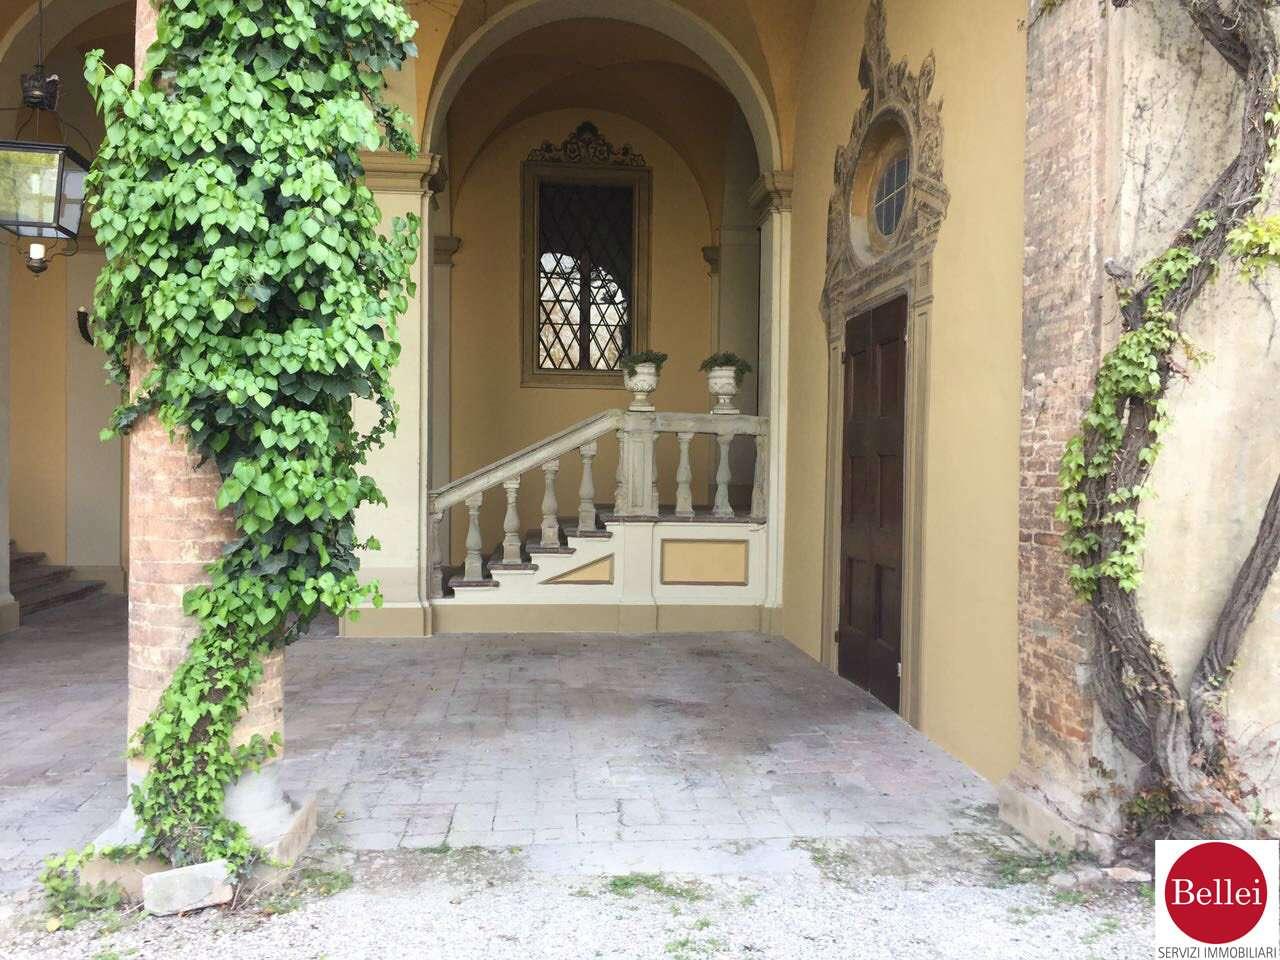 Soluzione Semindipendente in affitto a Maranello, 9999 locali, Trattative riservate | CambioCasa.it